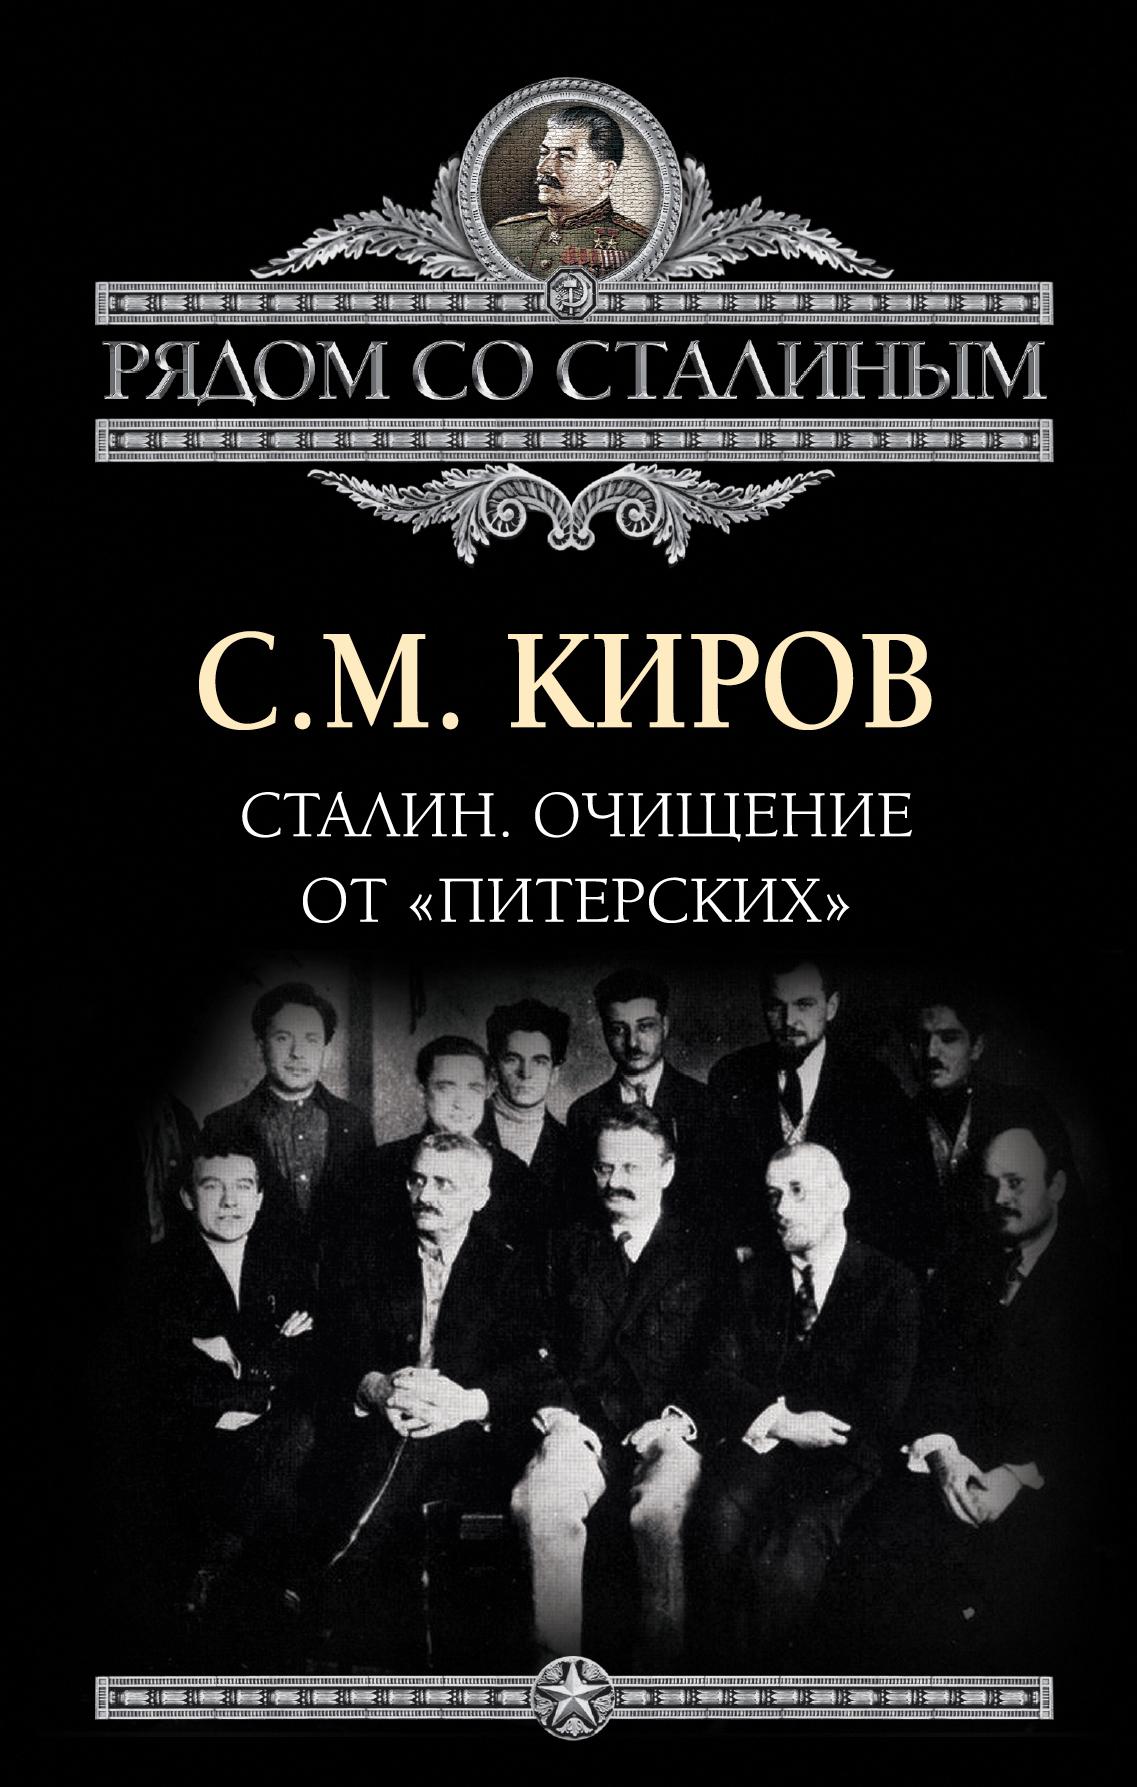 Киров С.М. Сталин. Очищение от «питерских»